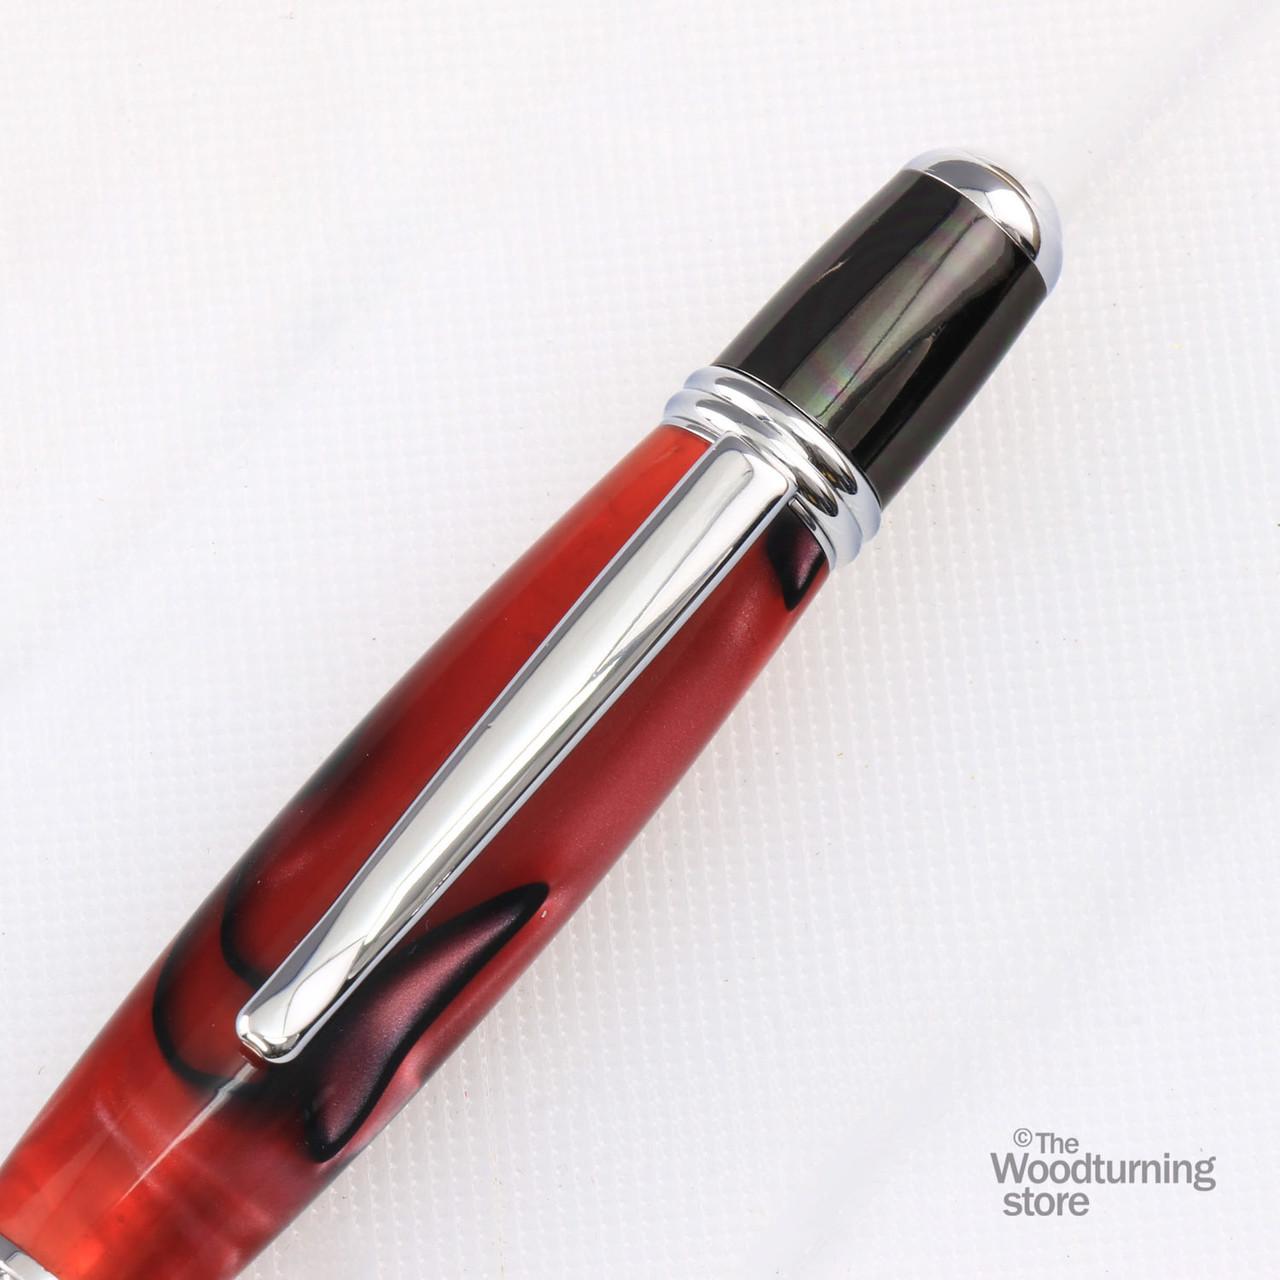 Legacy Viceroy Pen Kit - Chrome / Gun Metal